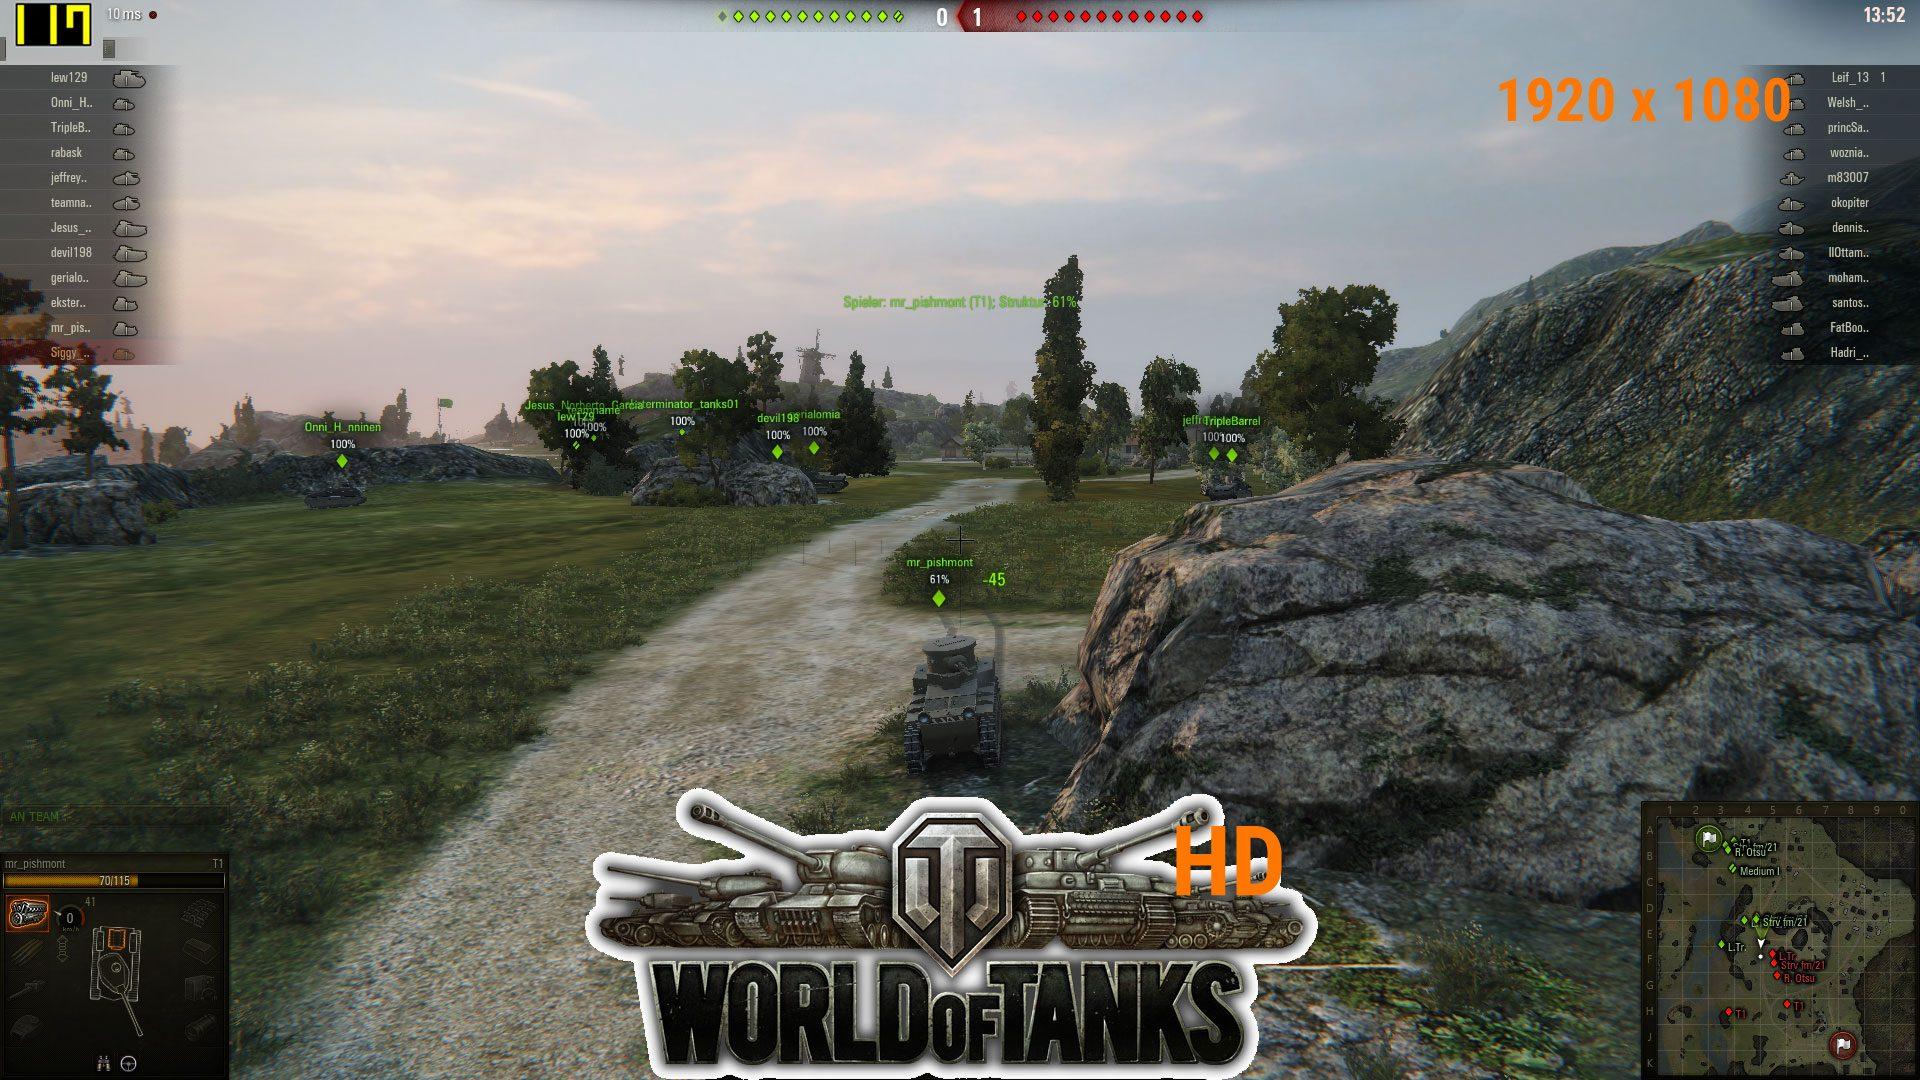 Schenker-XMG-A707-nyd_Games-3